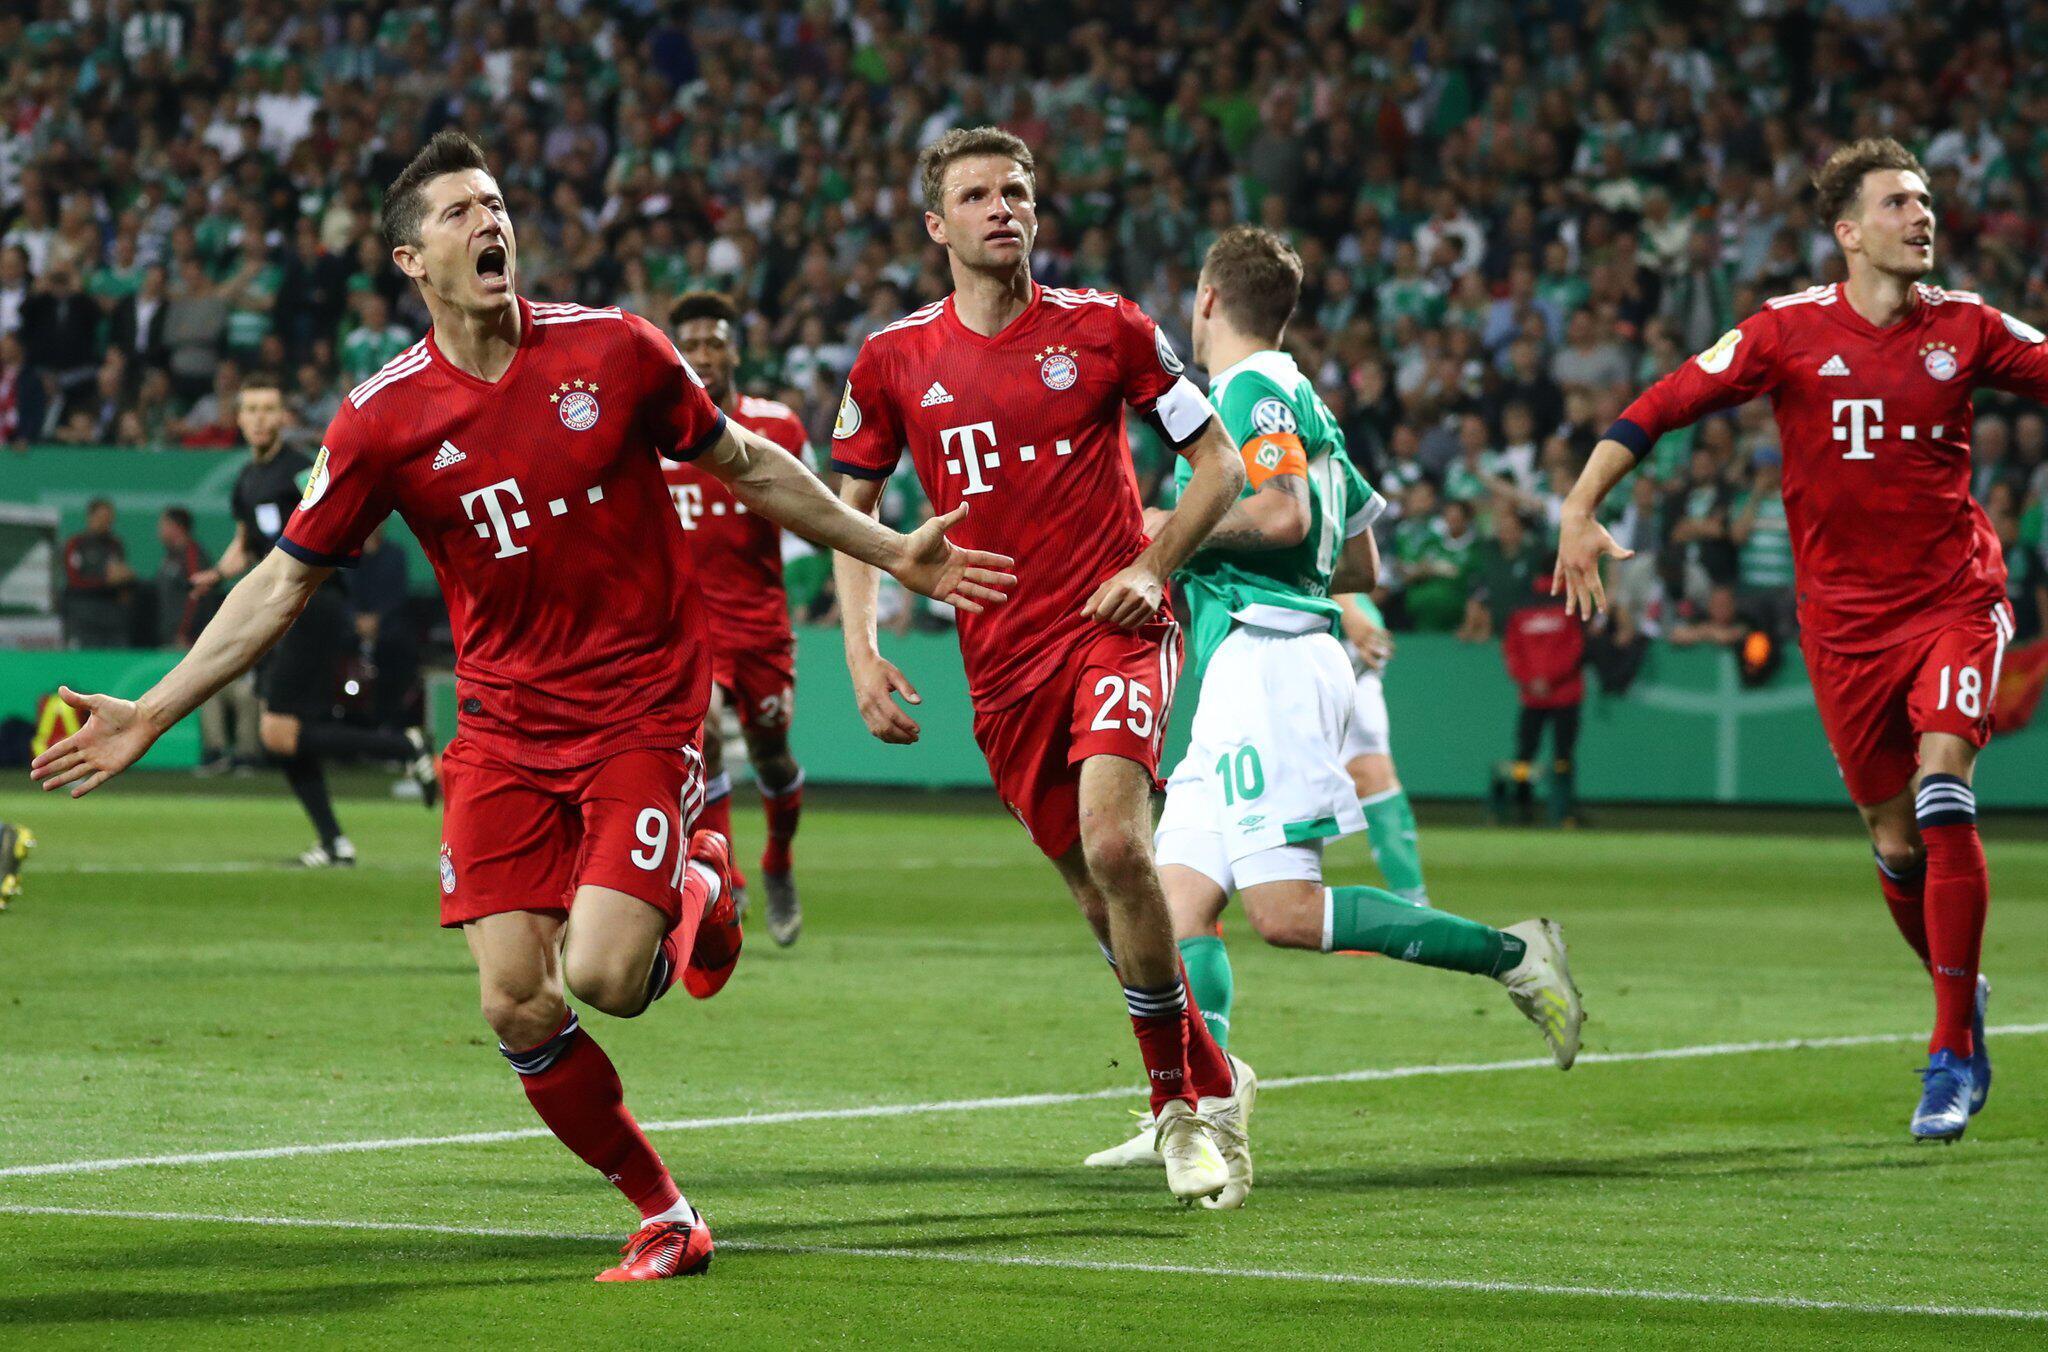 Bild zu Werder Bremen - FC Bayern München